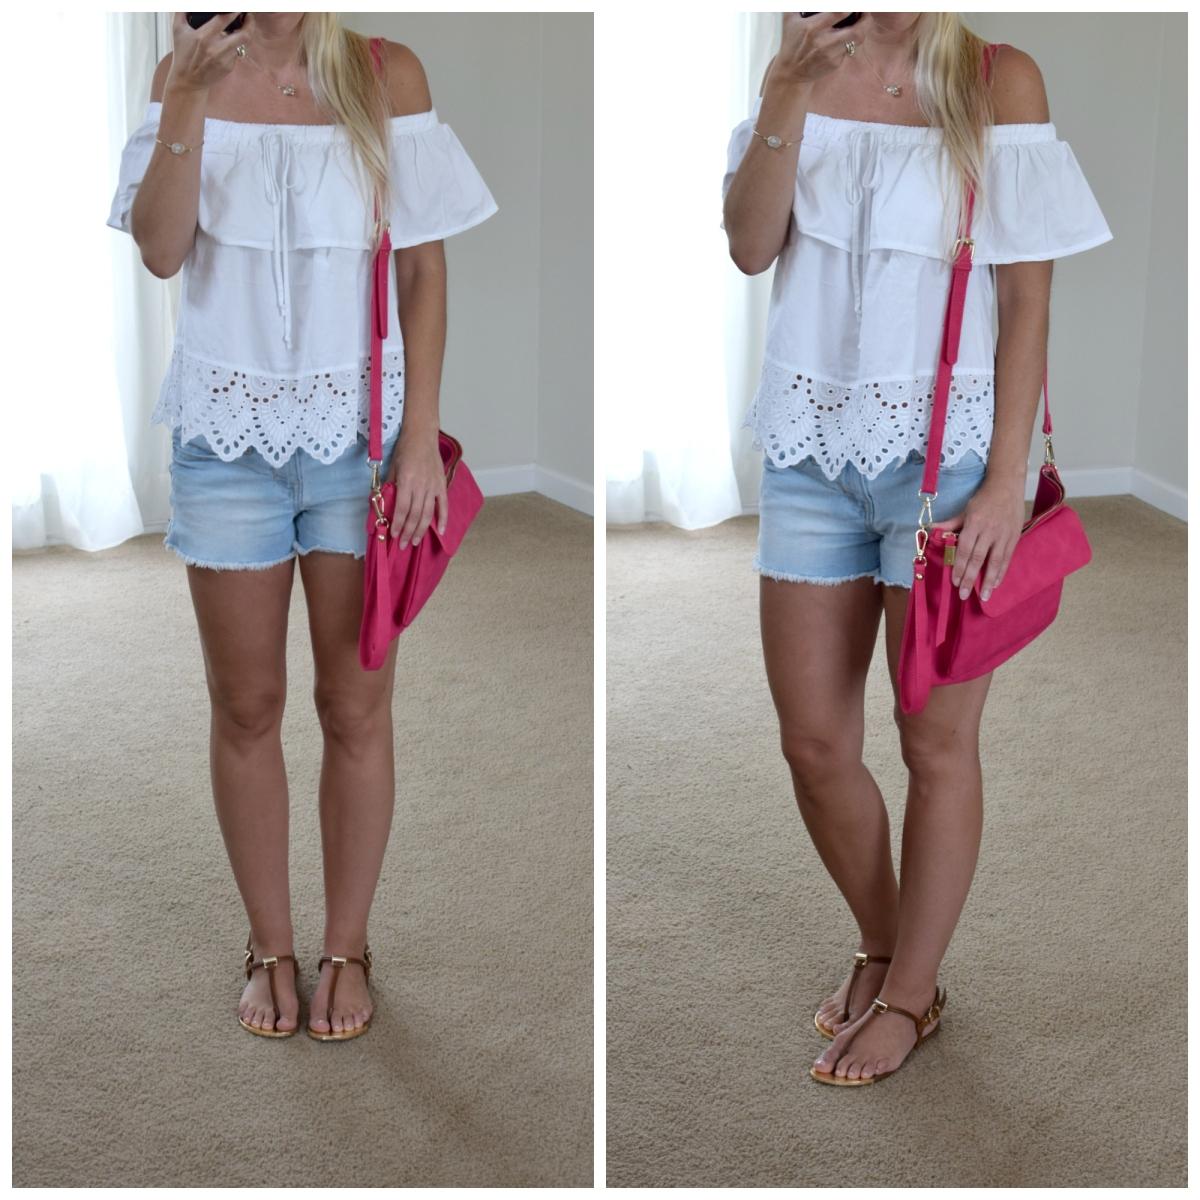 Off shoulder and hot pink for summer |www.pearlsandsportsbras.com|